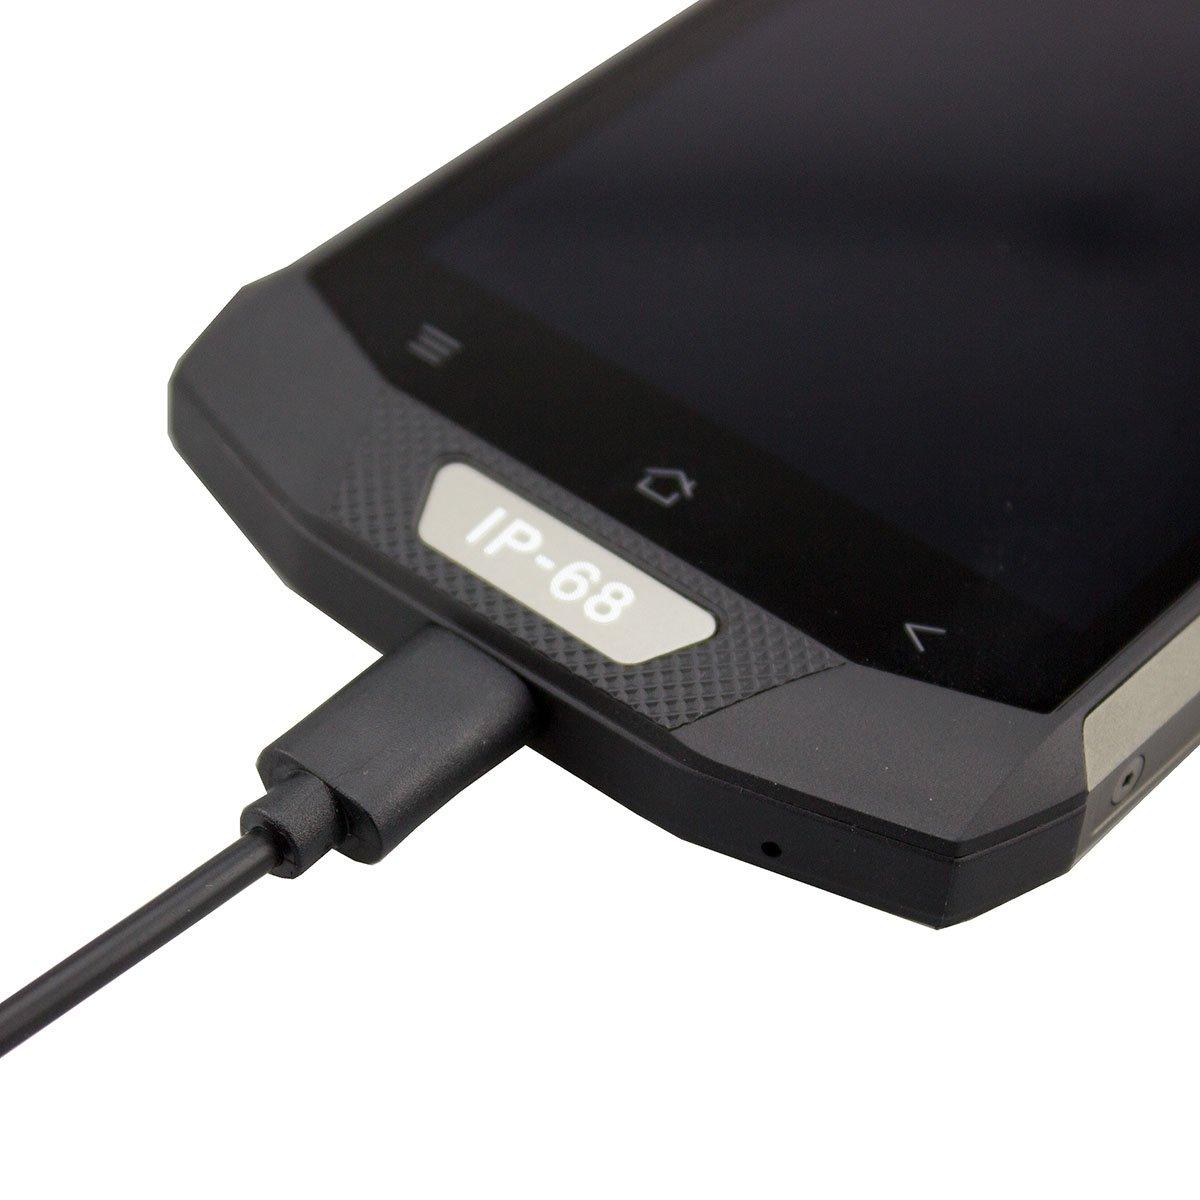 caseroxx Cable Cargador USB Type-C Outdoor para Blackview BV8000 / BV8000 Pro, Cargador Fuente de alimentación para Cargar el móvil (Cable Flexible y ...